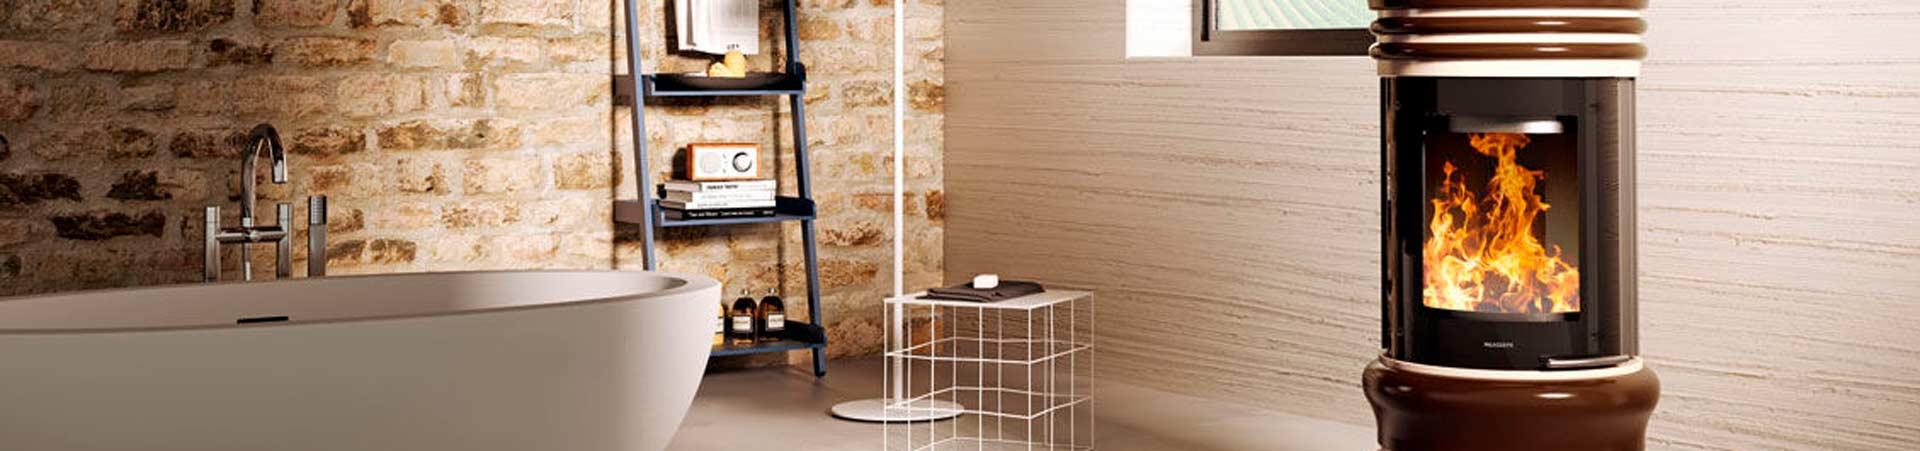 Estufas de pellets tu estufa desde 19 mes garantizado - Que es una estufa de pellets ...